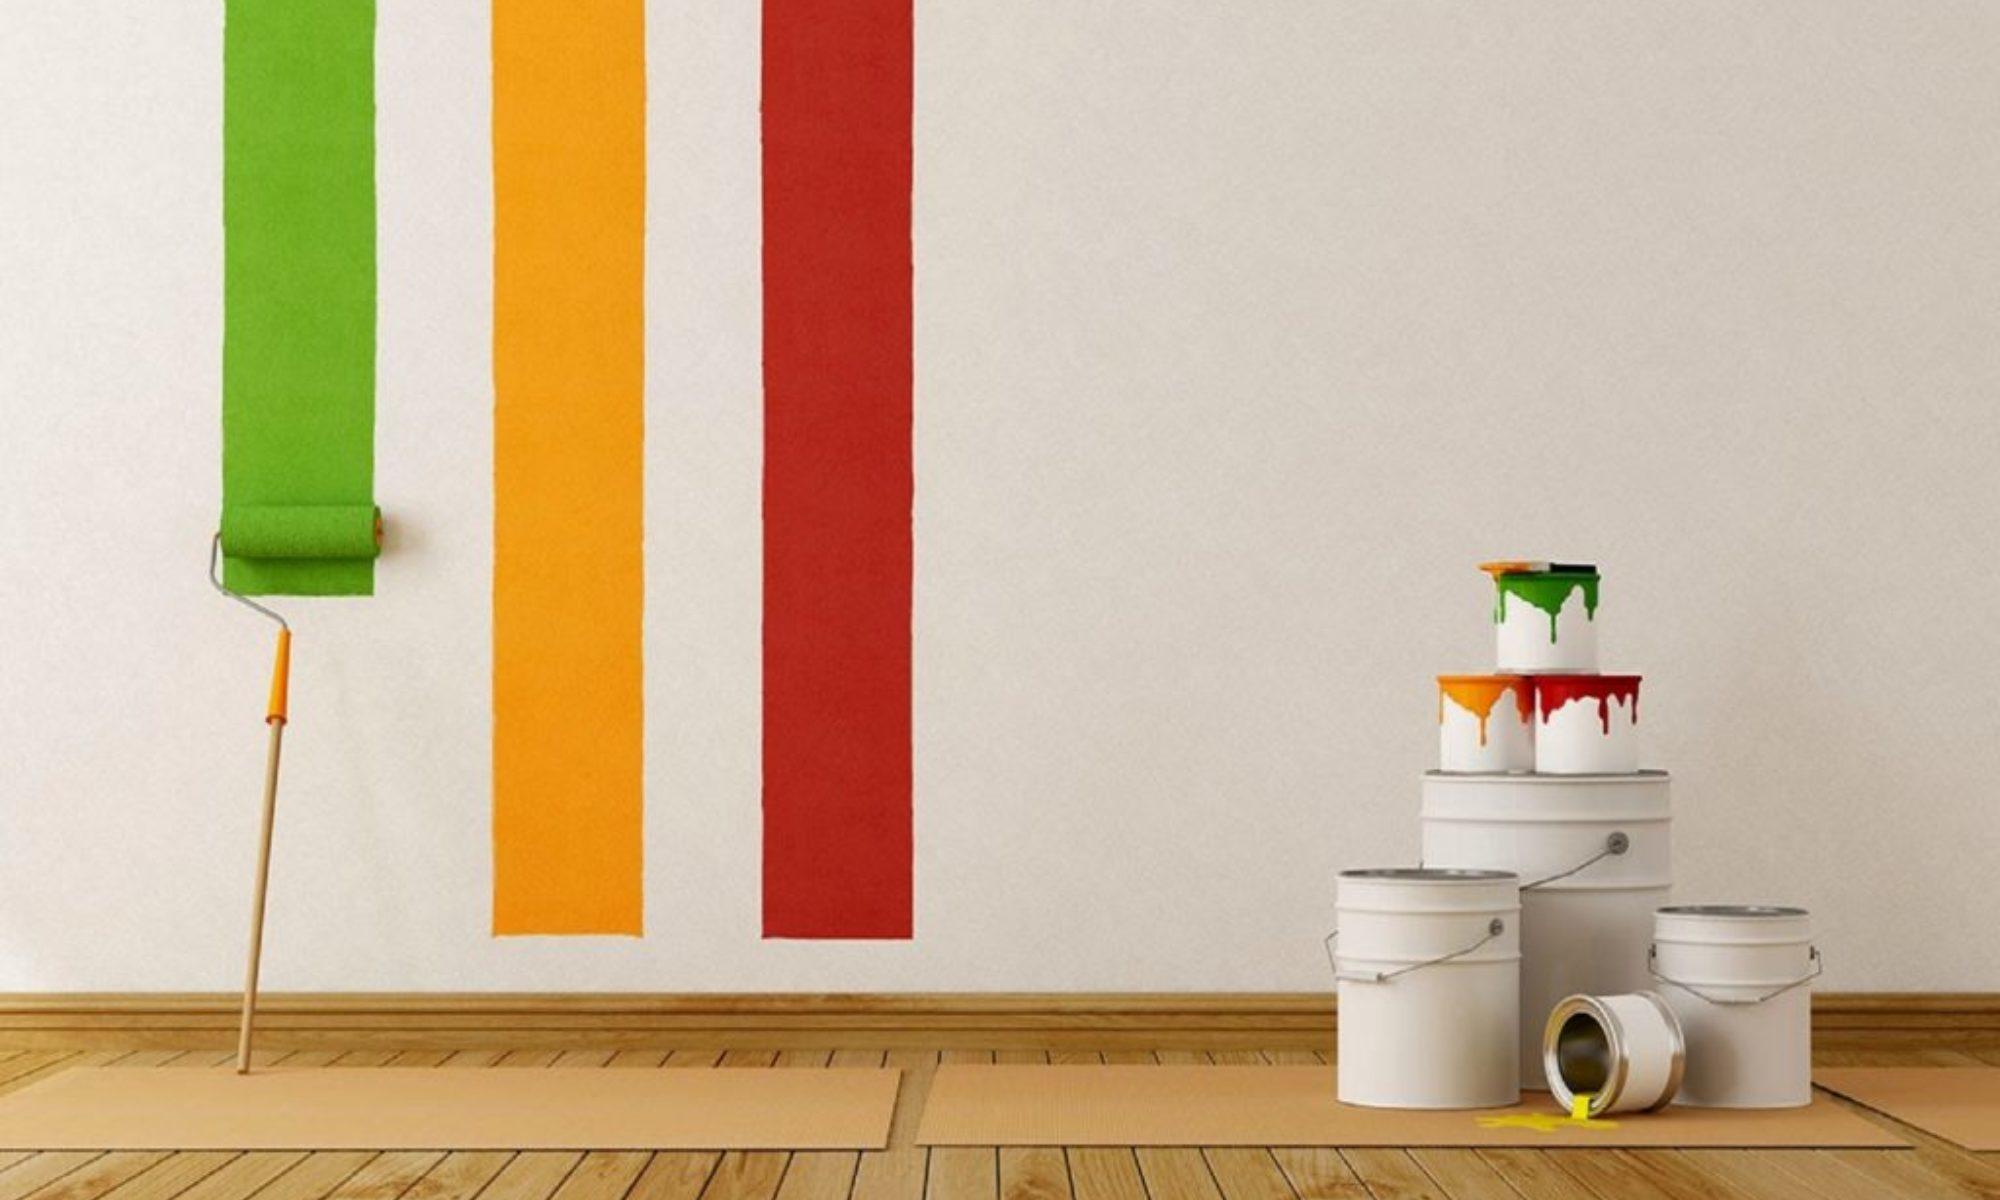 Couleur Plafond Pour Agrandir Piece peindre une pièce de plusieurs couleurs - la déco murale